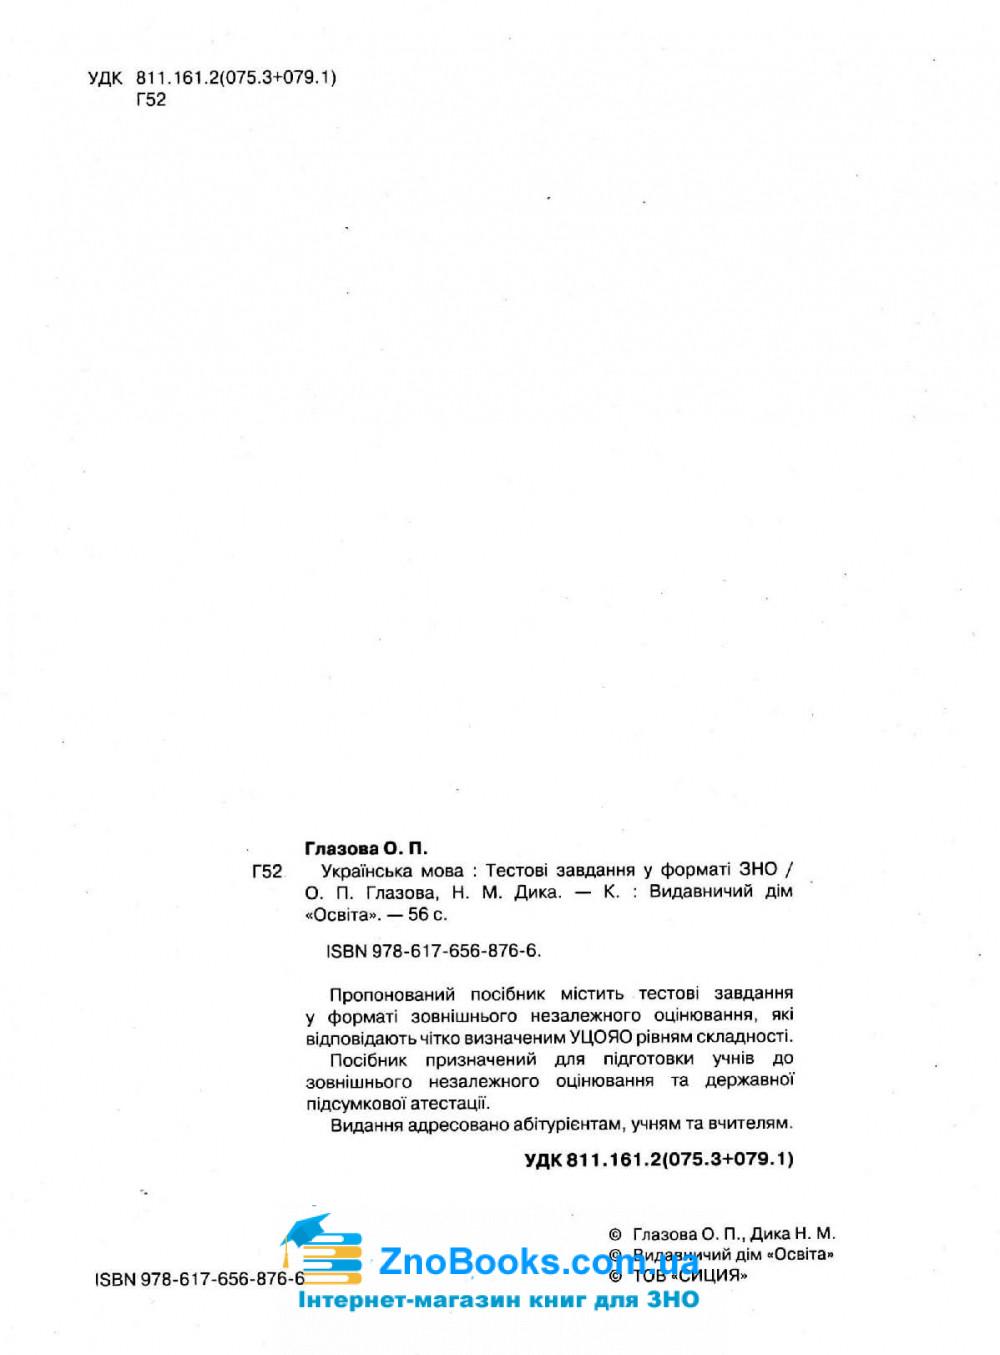 Українська мова (Глазова). Тести до ЗНО 2020 Освіта. купити 2